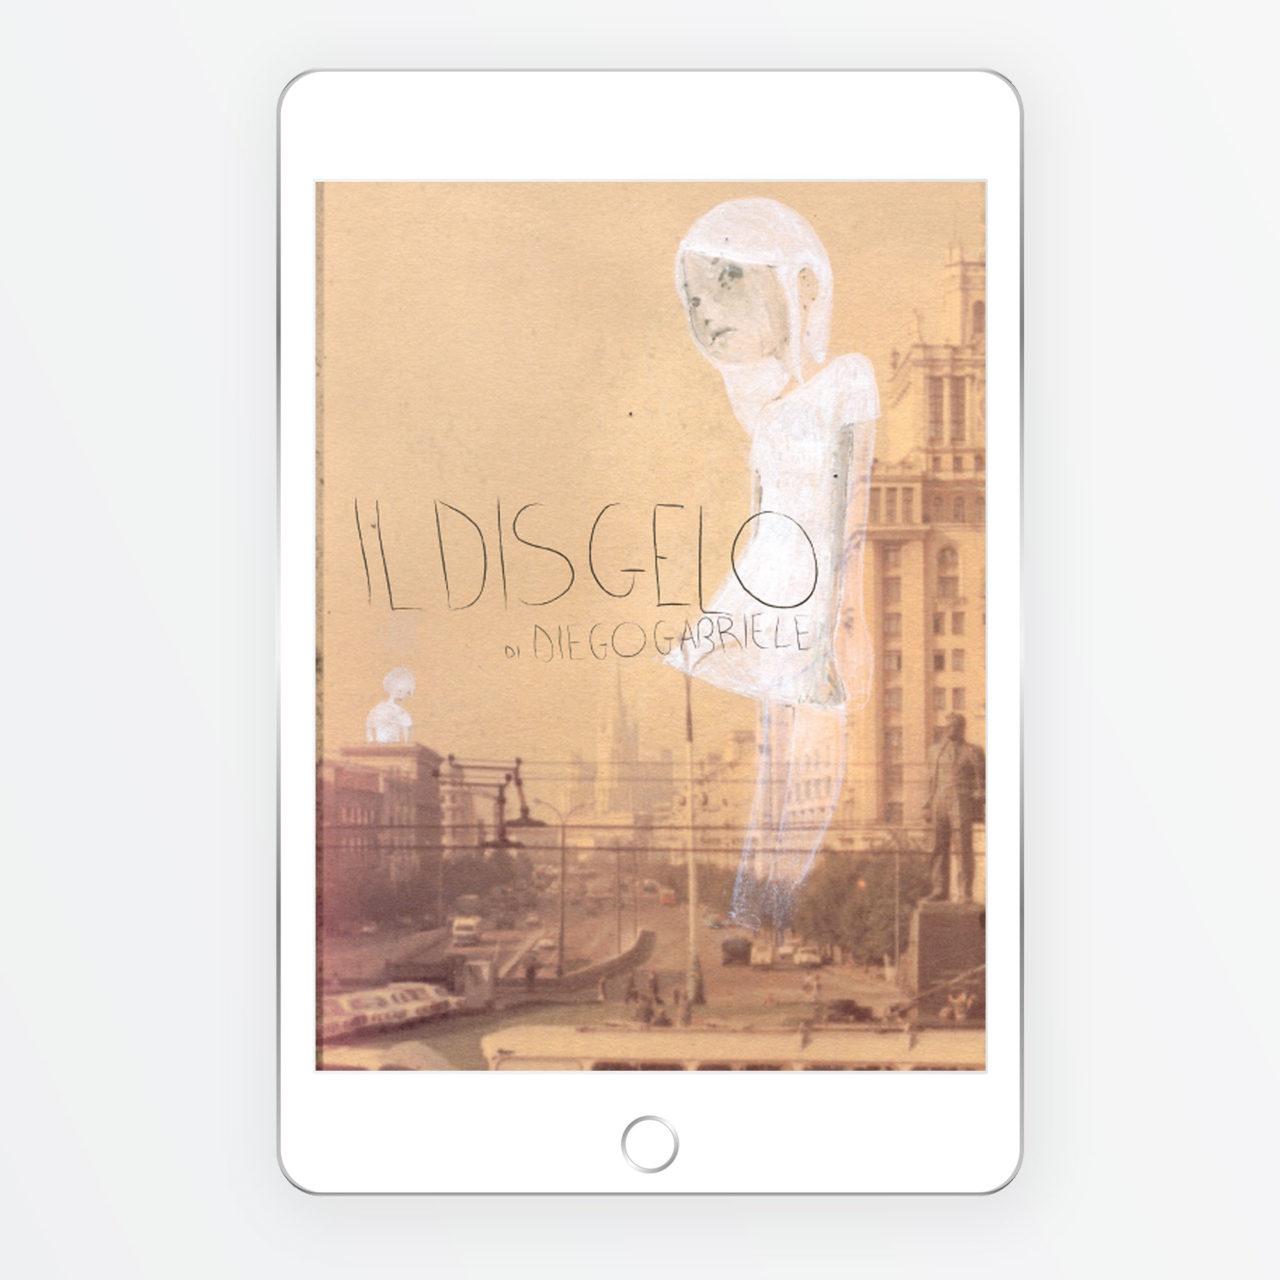 Il Disgelo artbook ebook illustrato di Diego Gabriele